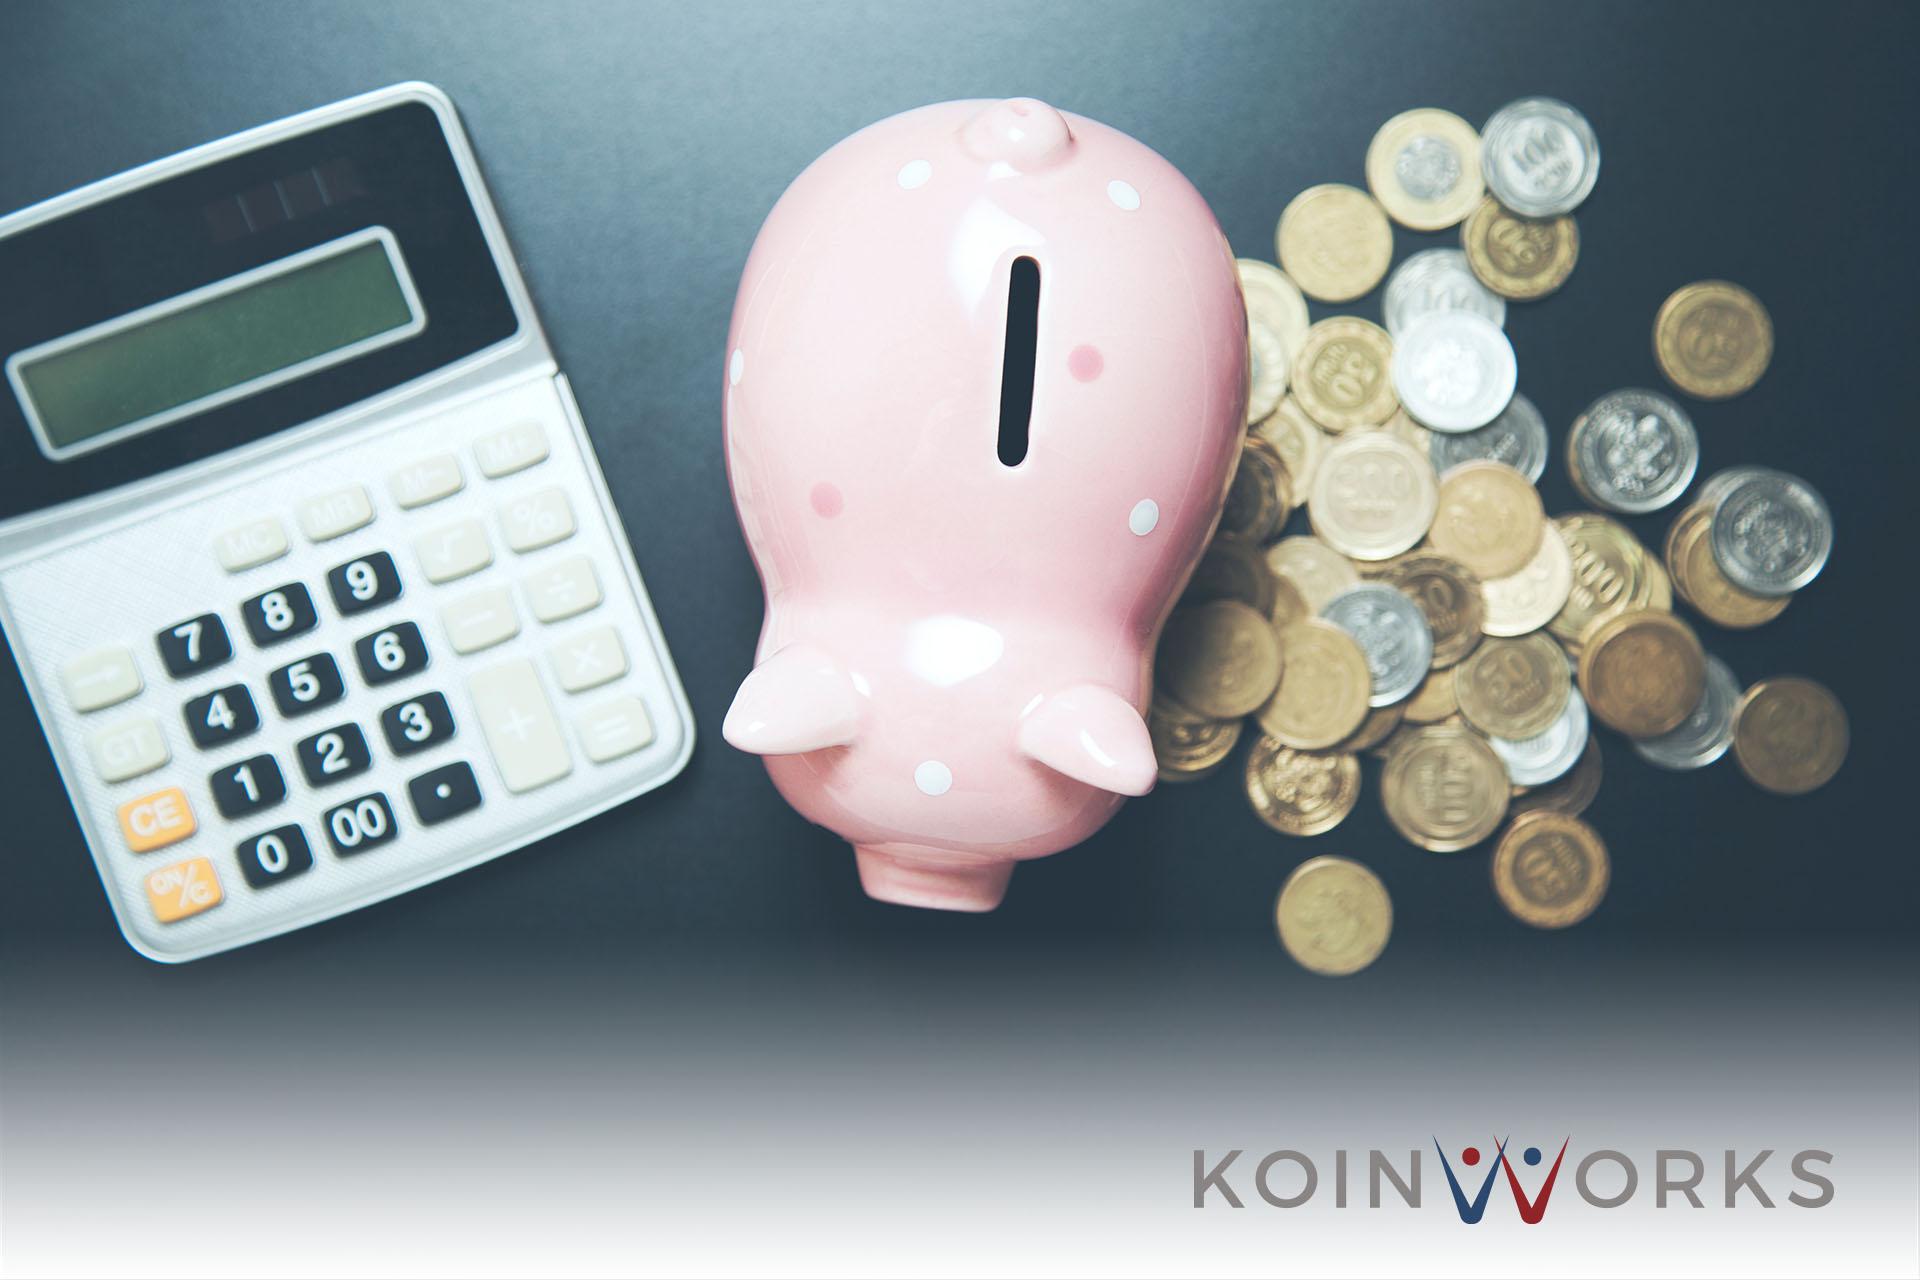 7 Kebiasaan yang Menunjukkan Bahwa Anda Belum Matang Secara Finansial - 5 Cara Cerdas Untuk Mengelola Risiko di Dalam Kehidupan